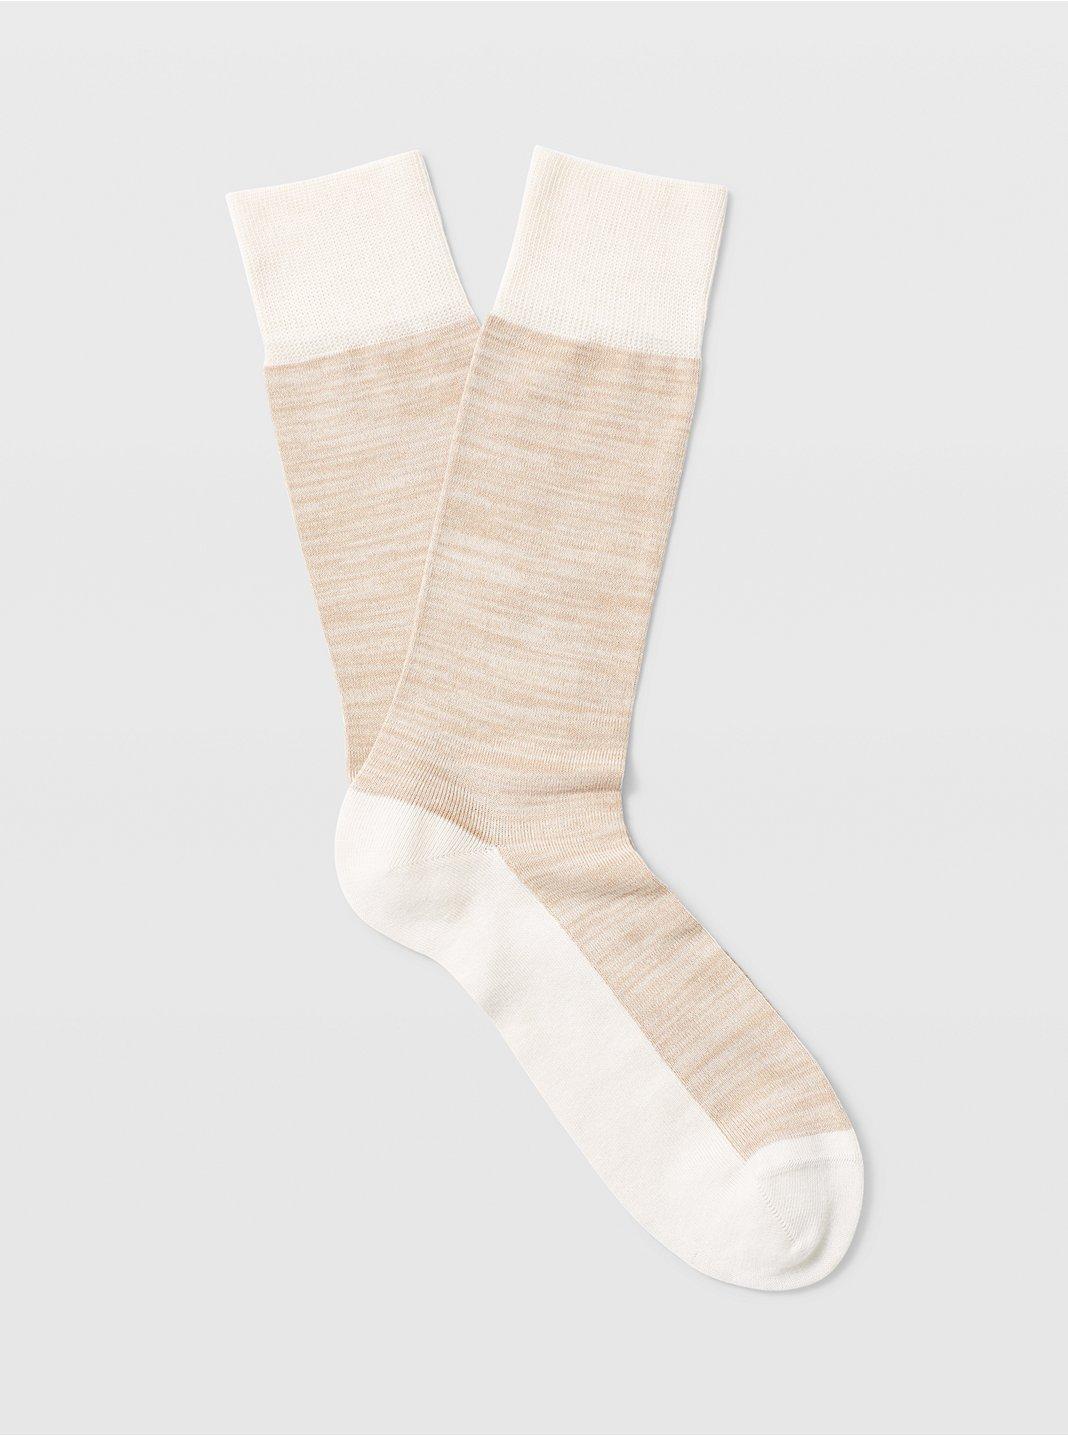 Spacedye Sock